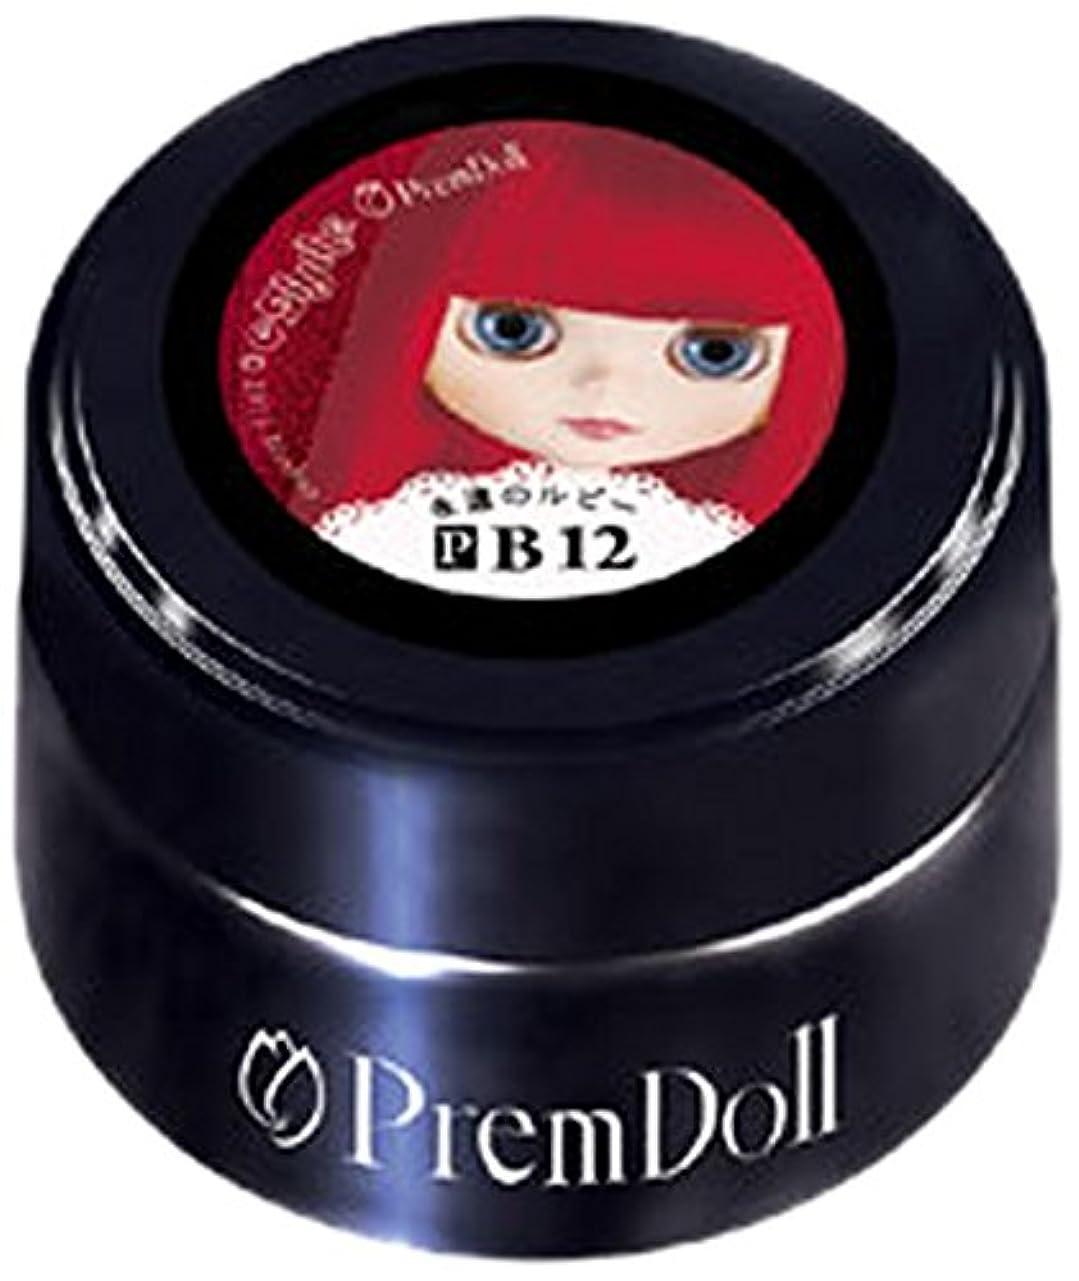 意識的強制的ヘルパープリジェル ジェルネイル プリムドール 永遠のルビー 3g DOLL-B12 PREGEL×Blythe(ブライス)コラボレーション カラージェル UV/LED対応